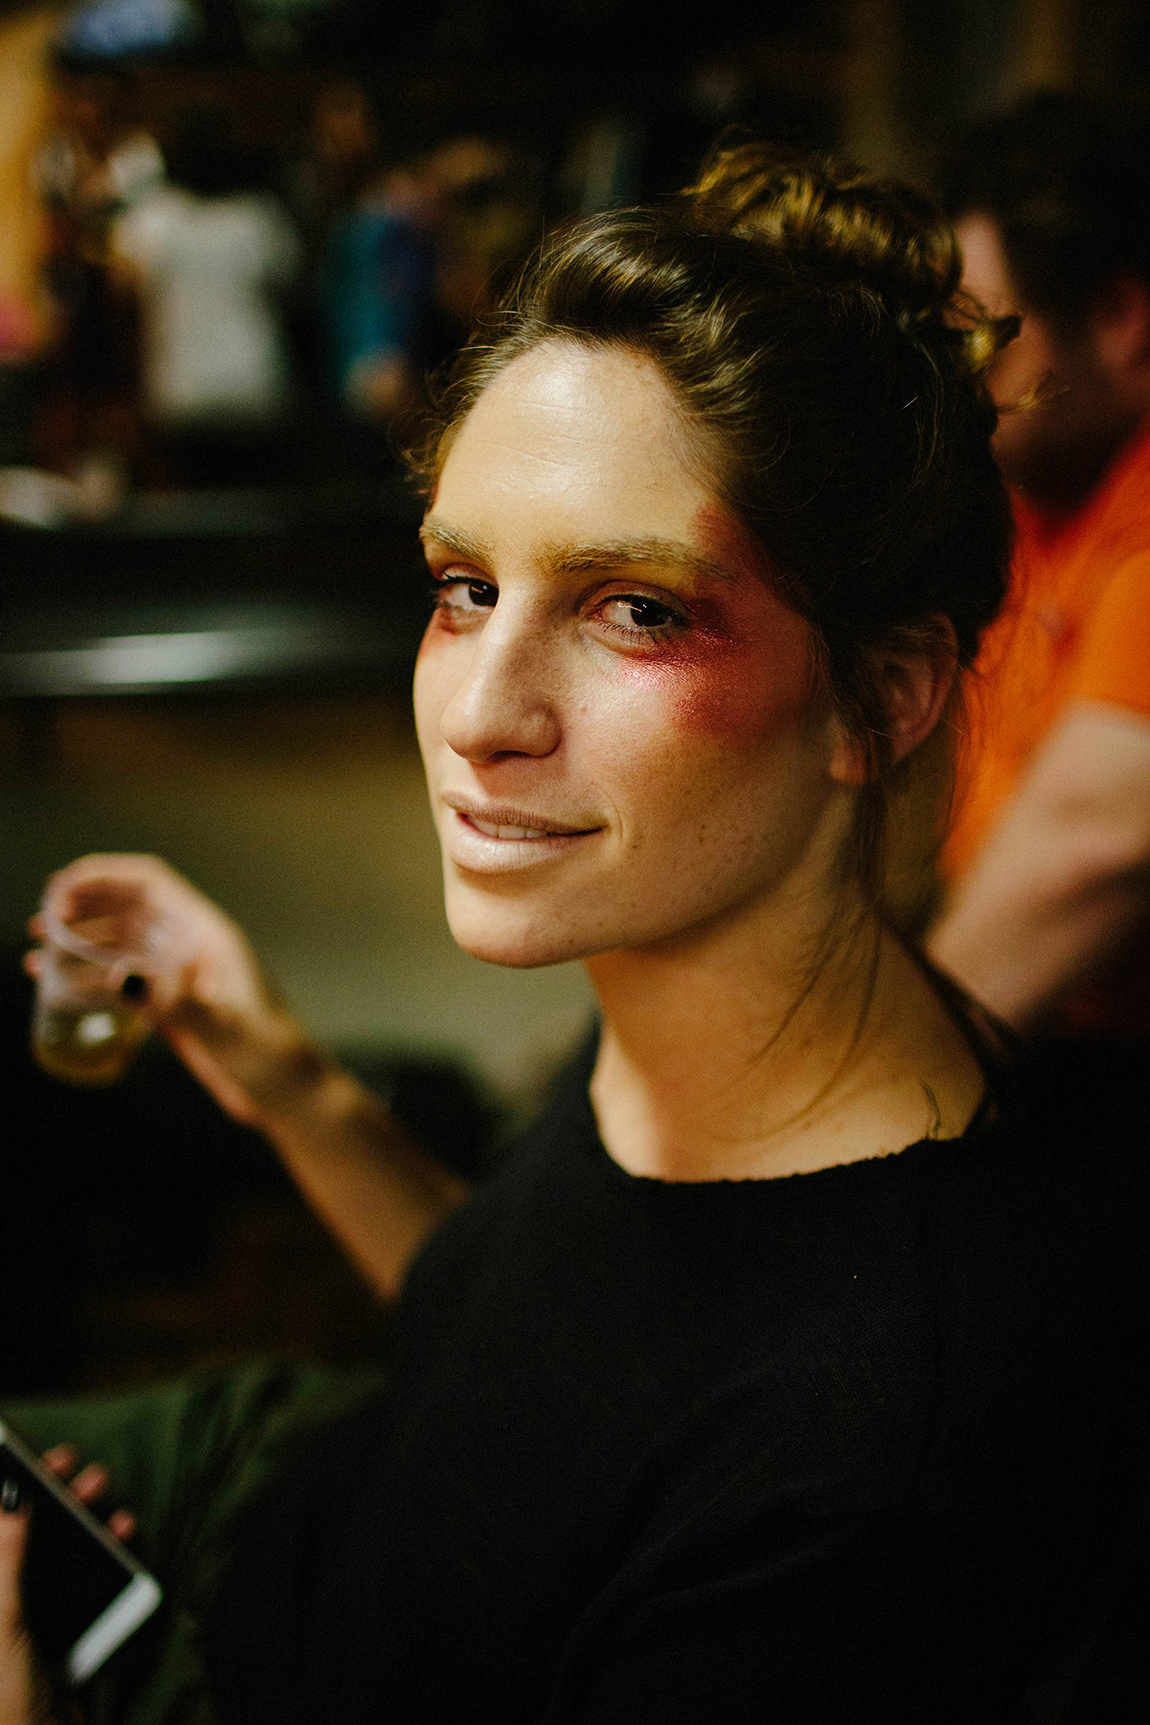 mariana-alves-fotografia-desfile-alexandre-linhares-curitiba-heroina (42)